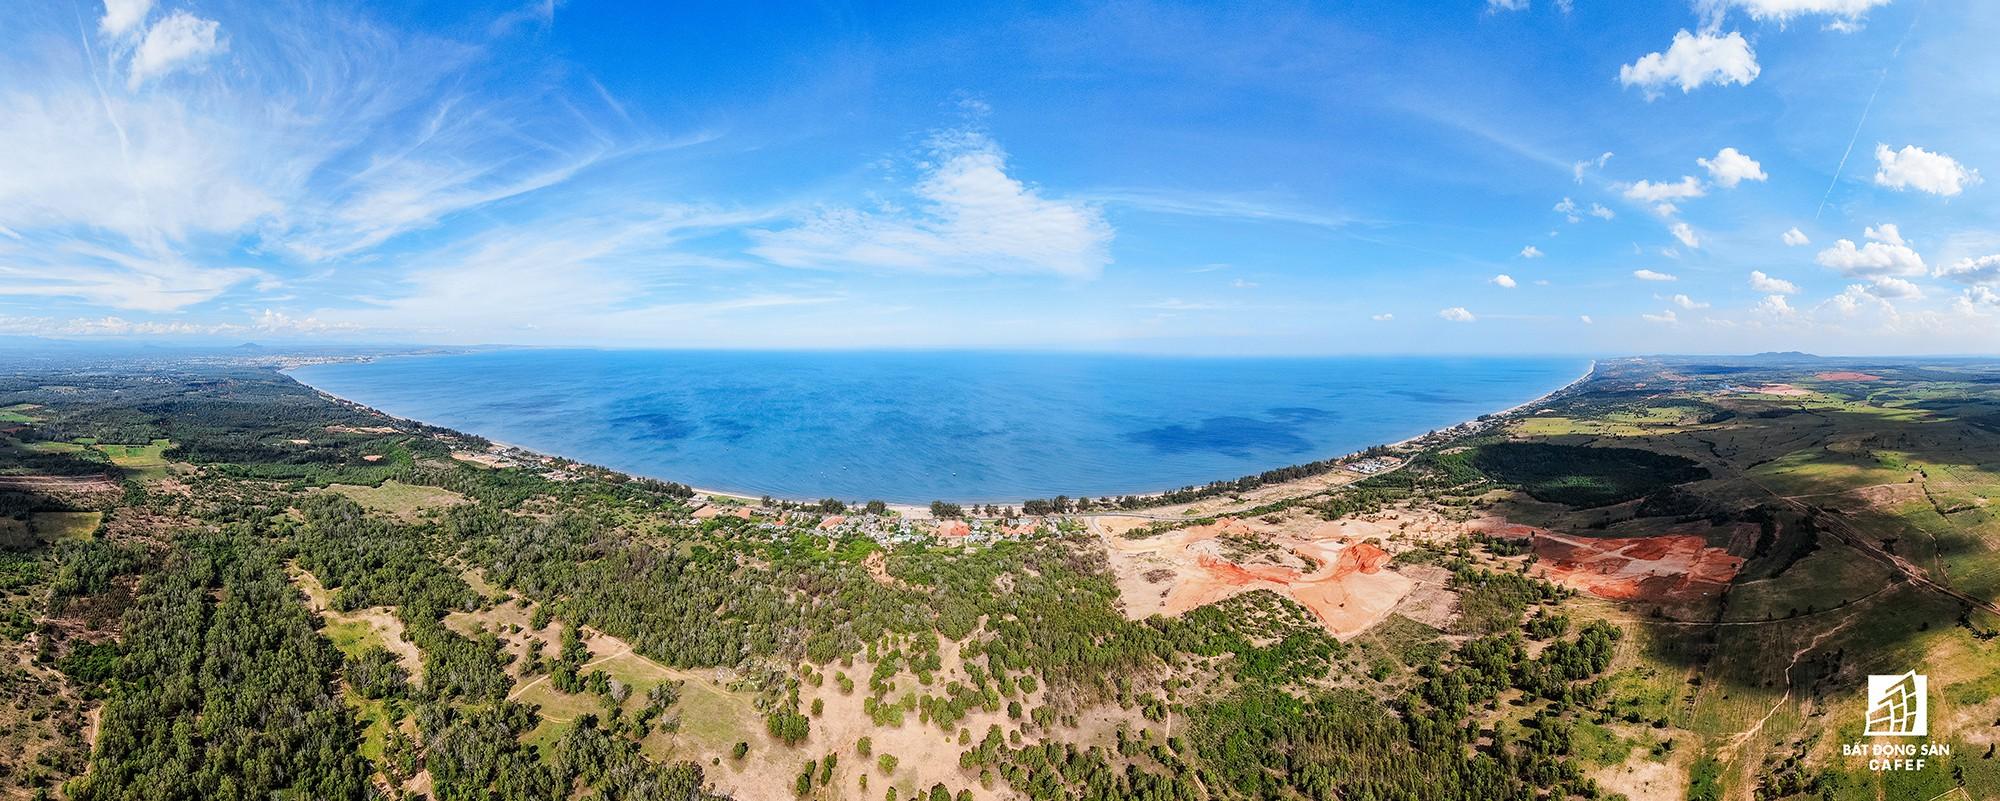 Quy hoạch thành khu du lịch quốc gia, dải ven biển này đang đón dòng vốn hàng tỷ USD, giá đất tăng chóng mặt - Ảnh 31.